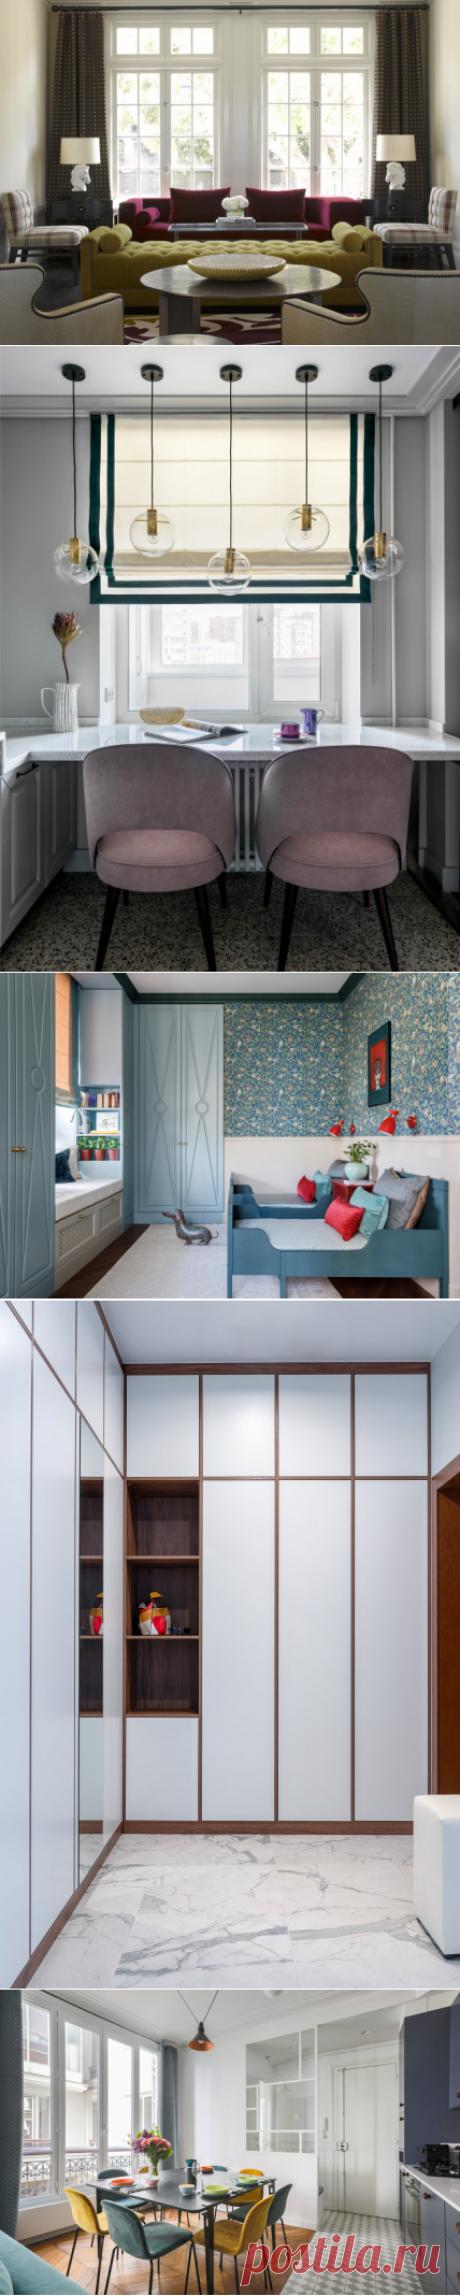 Как расставить мебель в комнате: 6 советов как правильно расставить мебель в комнате | Houzz Россия